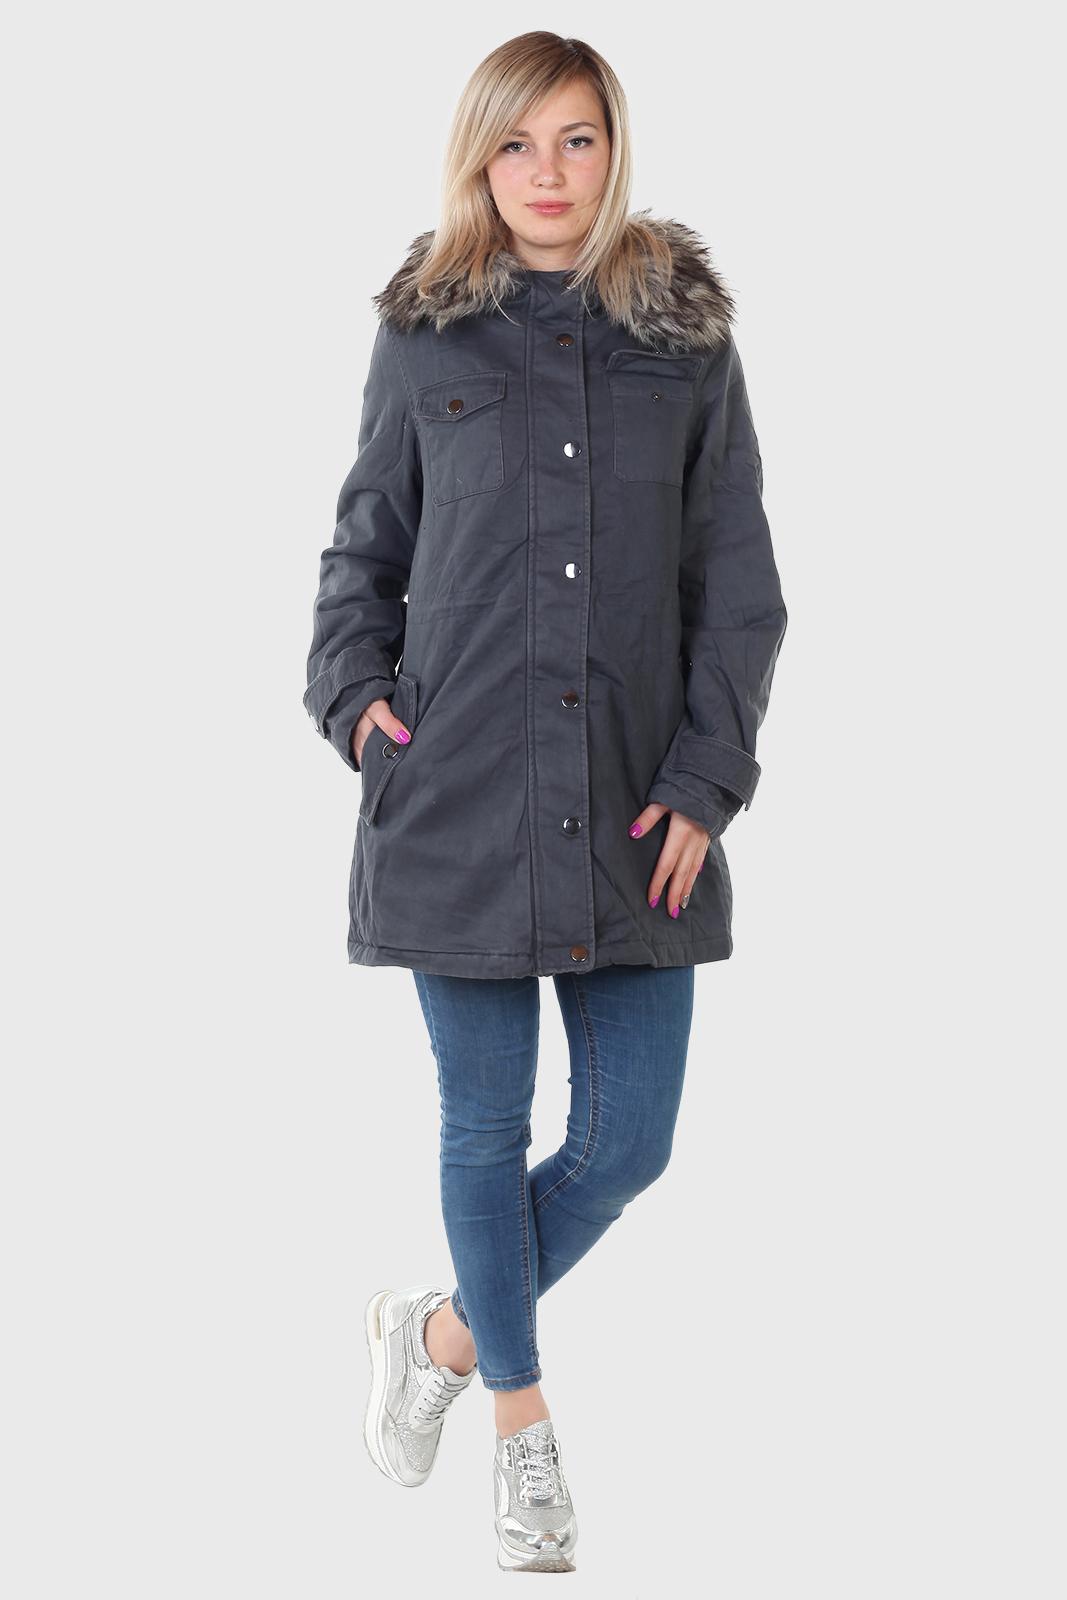 Купить в интернет магазине женскую куртку парку